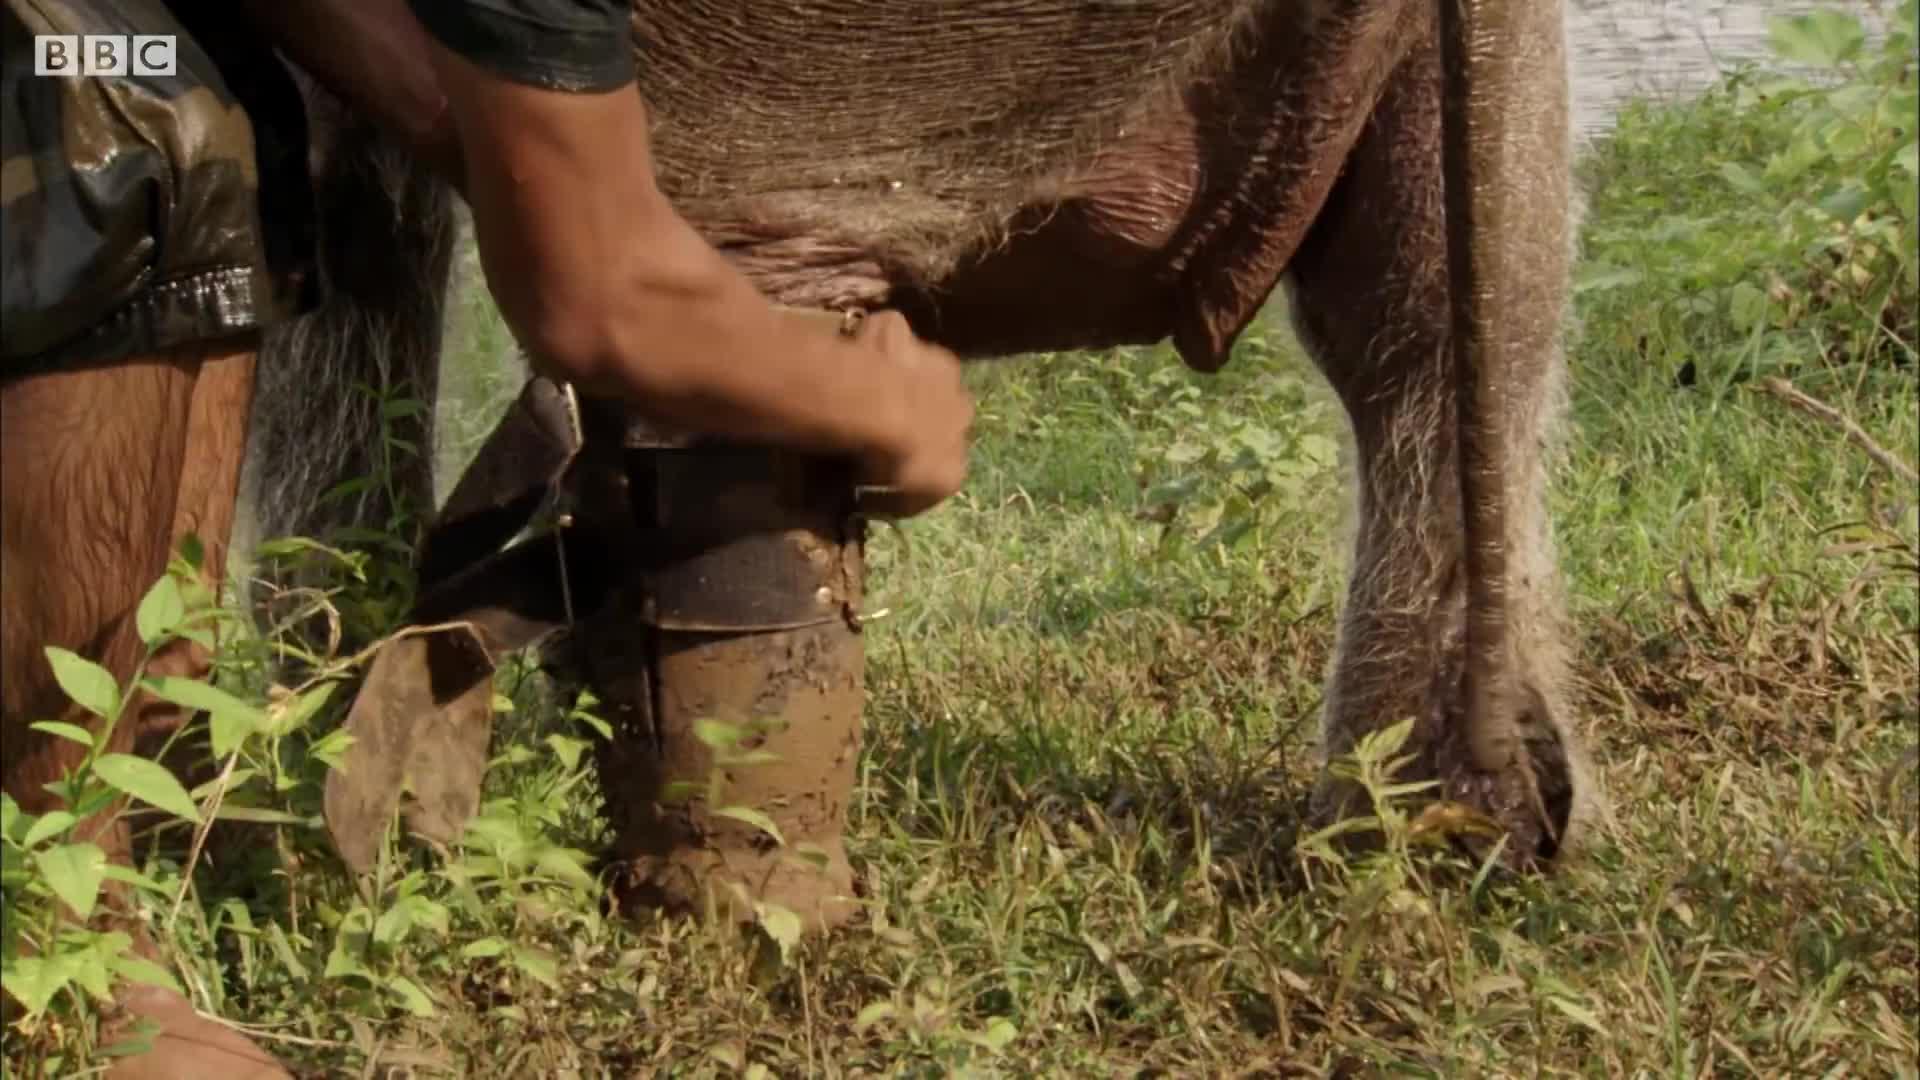 baby elephant, bbc, bbc documentary, bbc earth, bbcearth, elephant calf, orphan elephant, sri lanka elephant island, three legged elephant, three legged orphan elephant, Three Legged Orphan Elephant Bathes with his Human Friend   BBC Earth GIFs